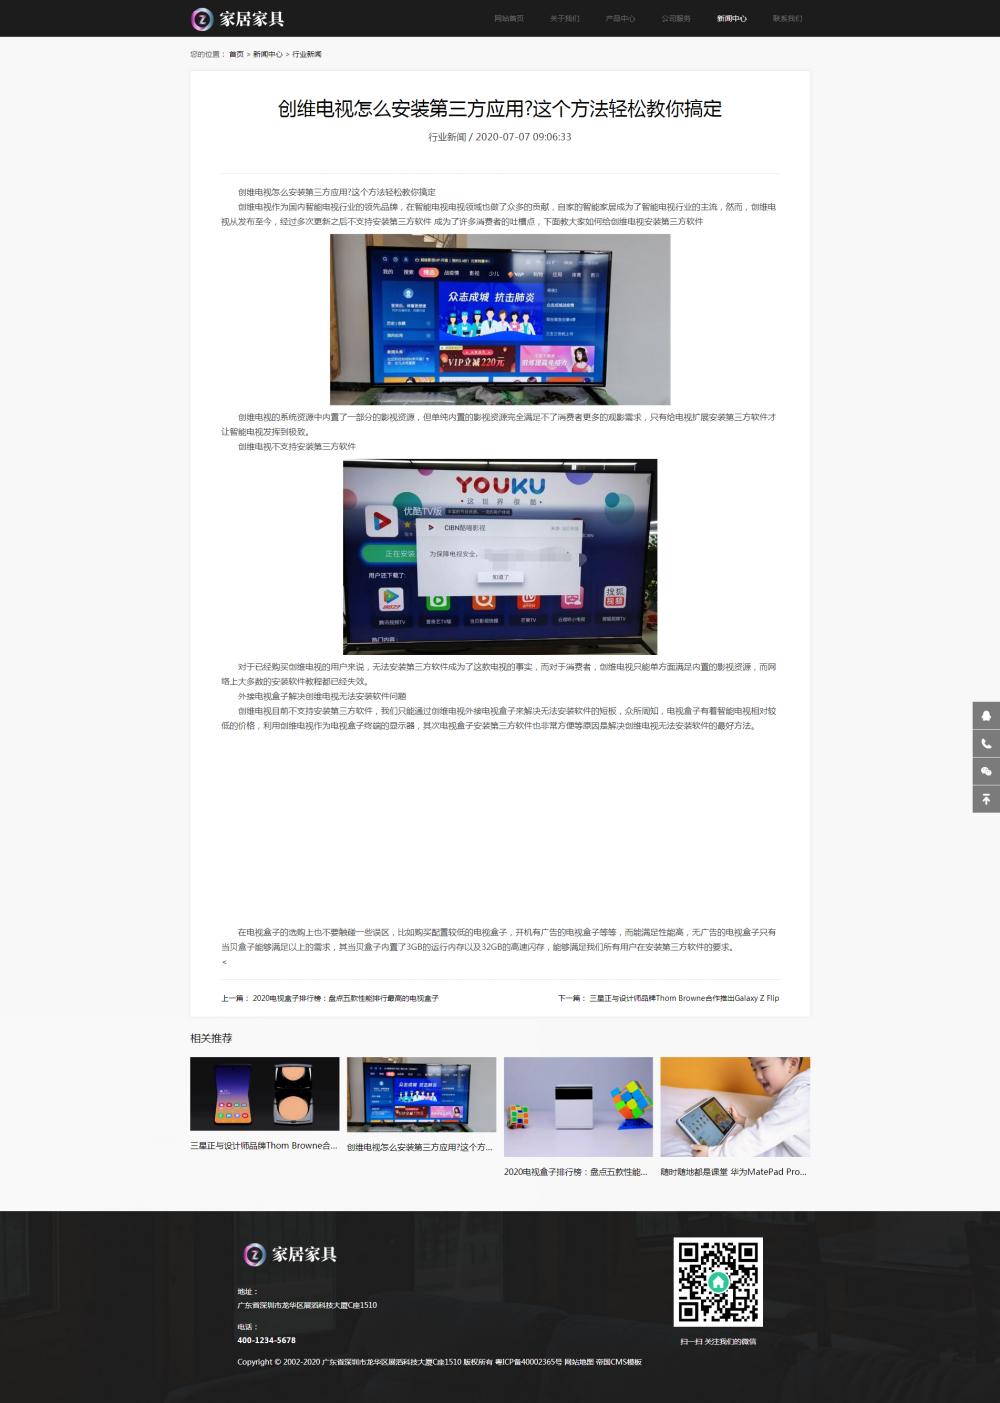 9新闻中心内容页.png [DG-113]帝国CMS响应式家居建材家具网站模板 HTML5办公家居家装帝国CMS整站源码 企业模板 第9张